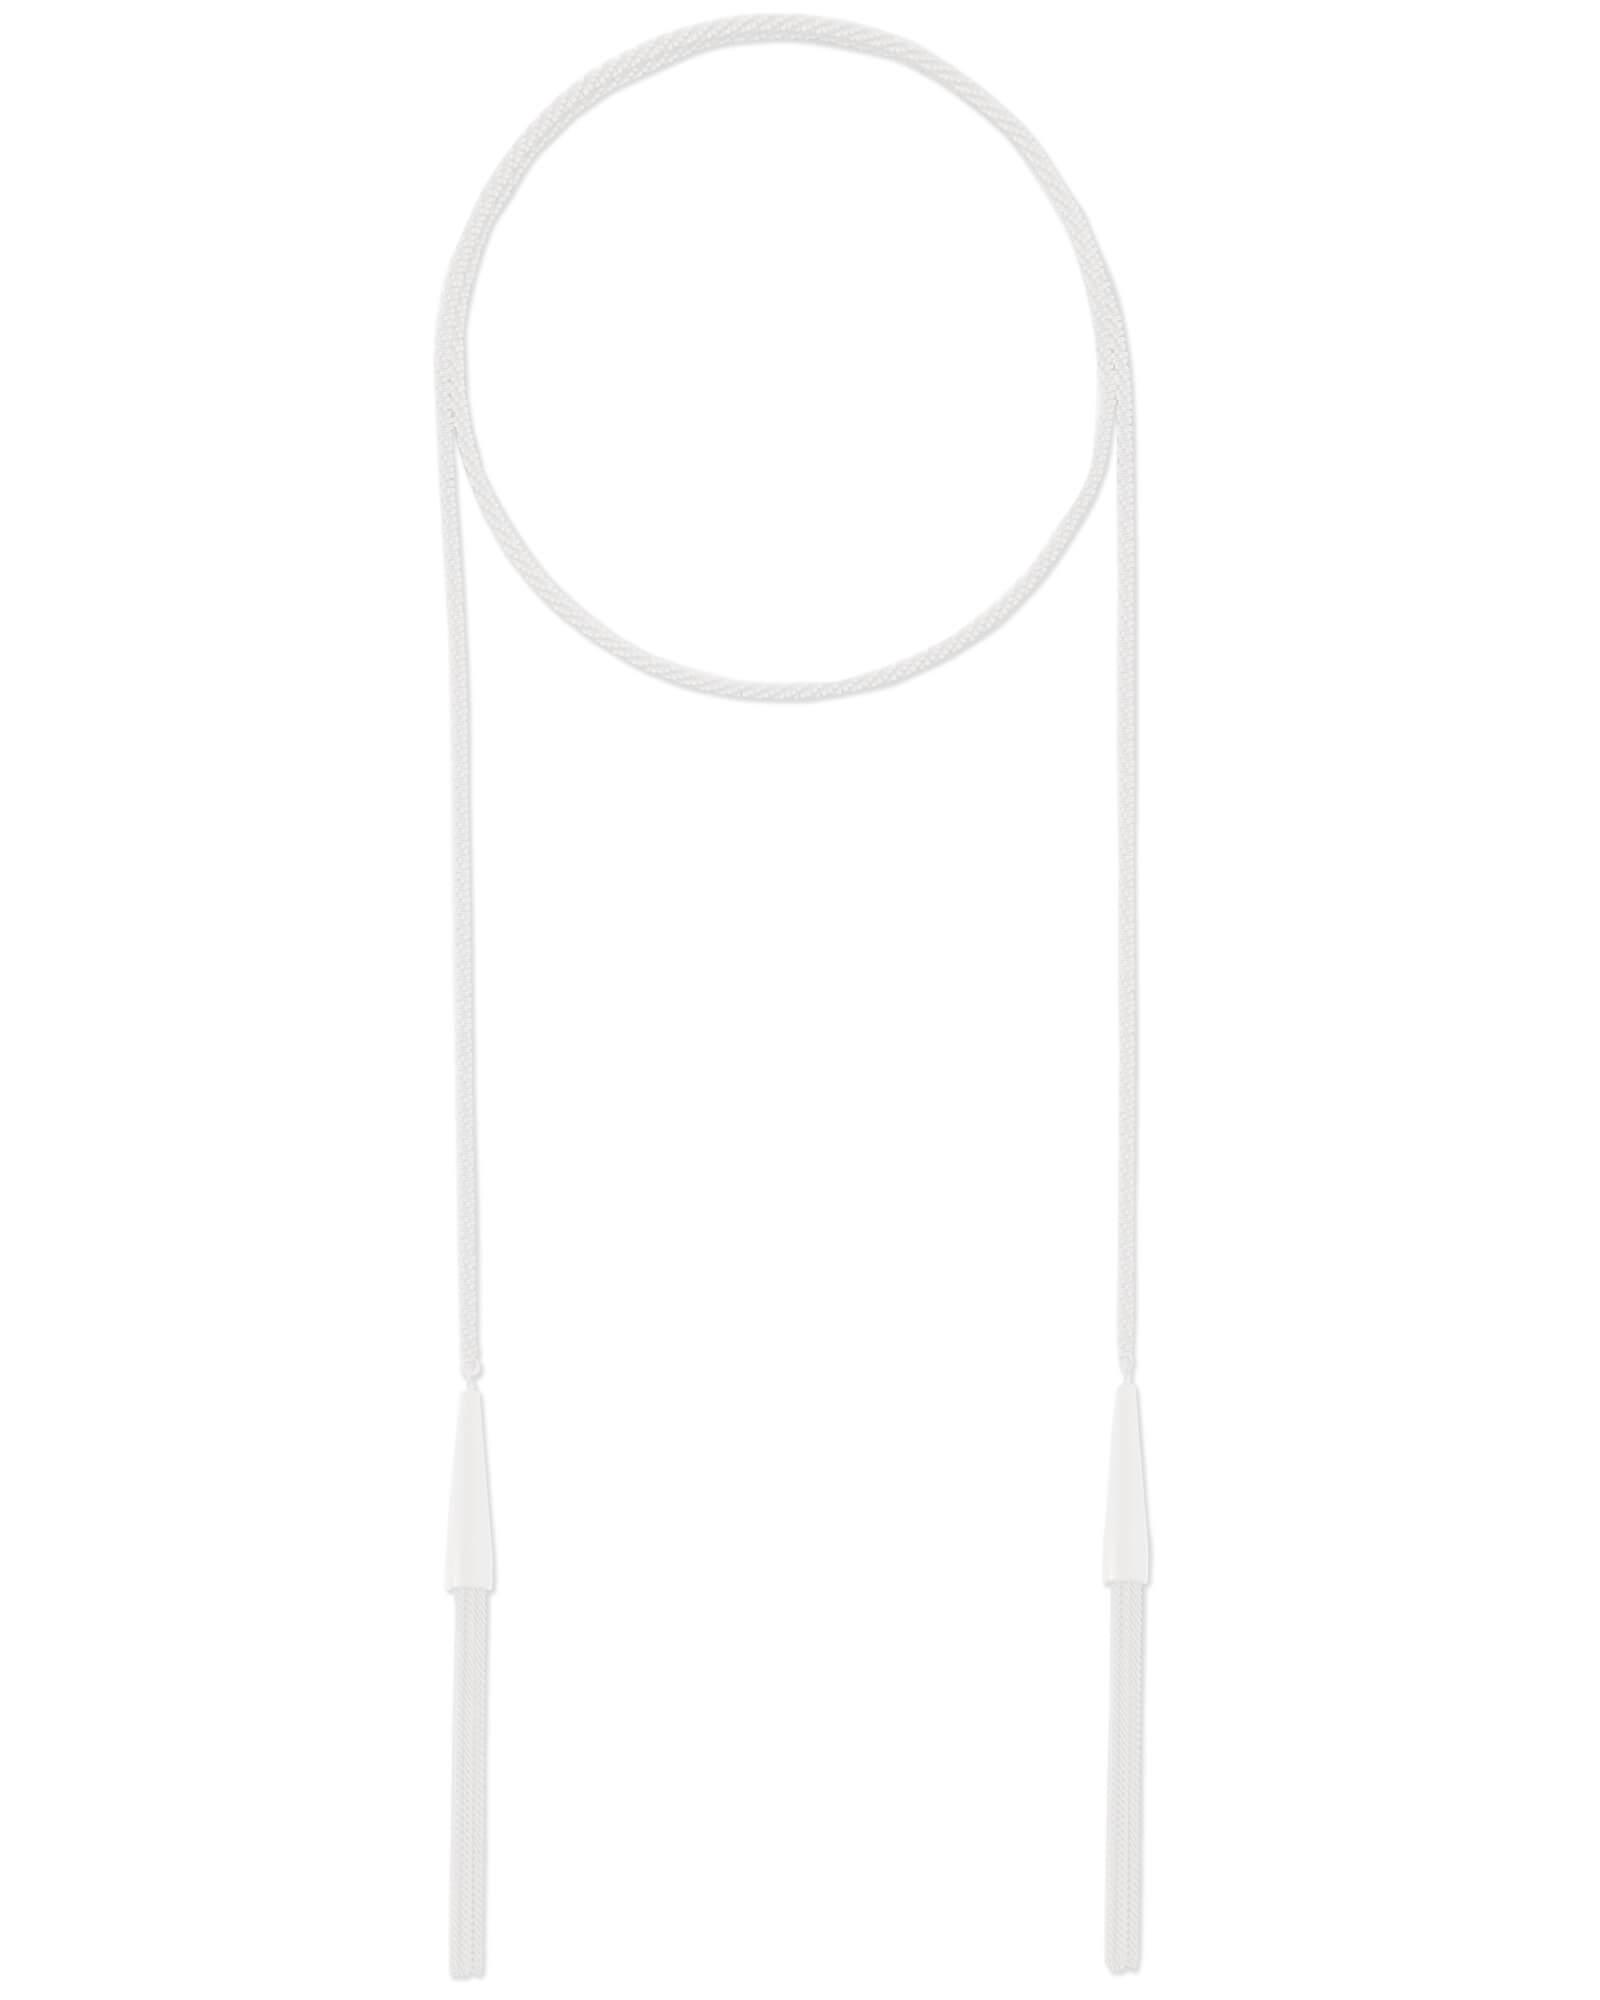 Phara Matte Lariat</br>Necklace</br><i>$125.00</i>